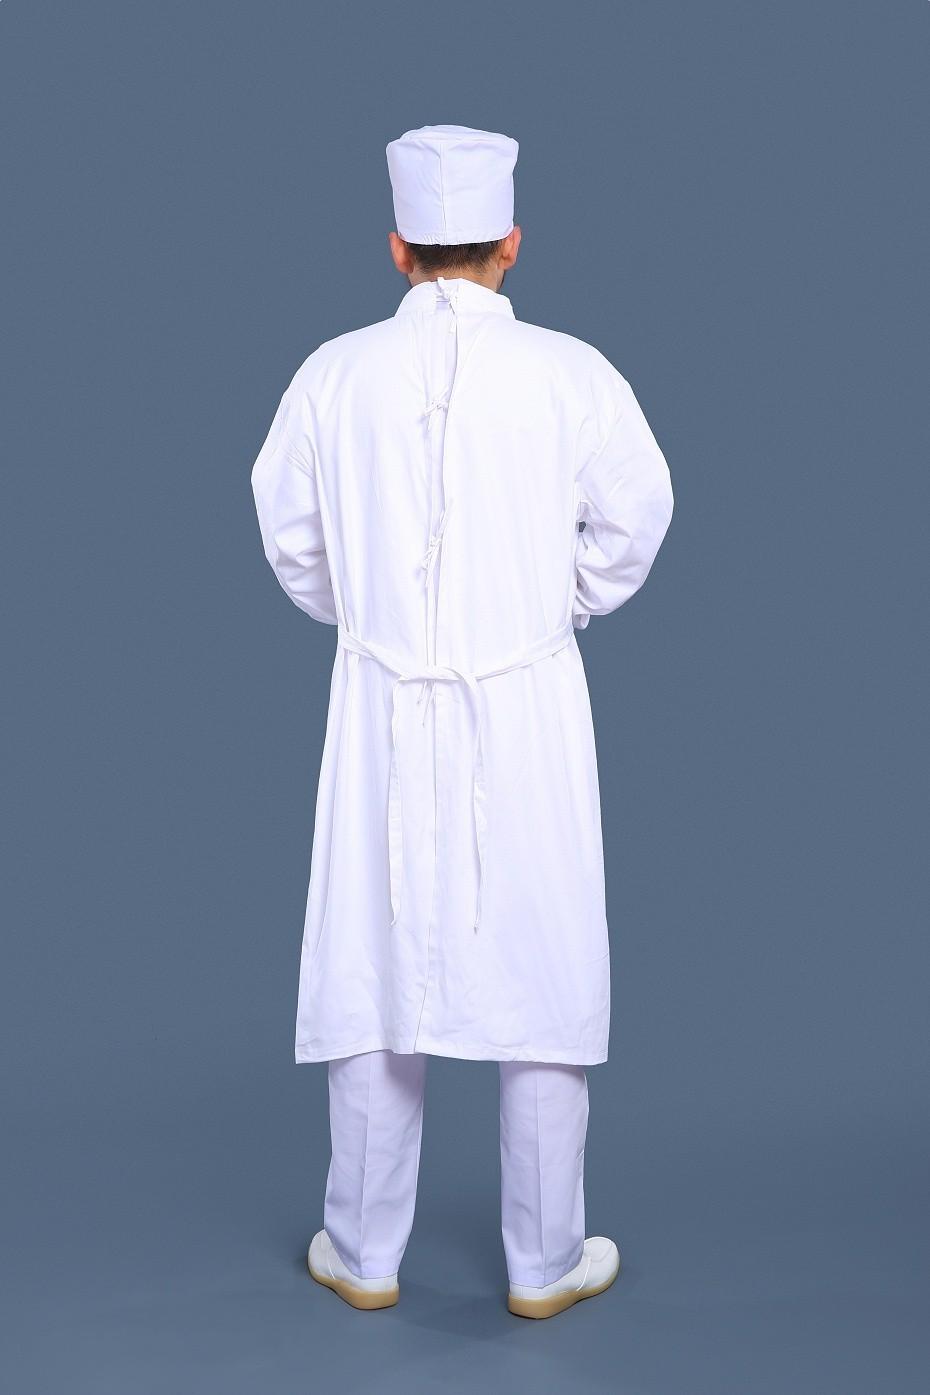 医用防护服是用什么材料制作的